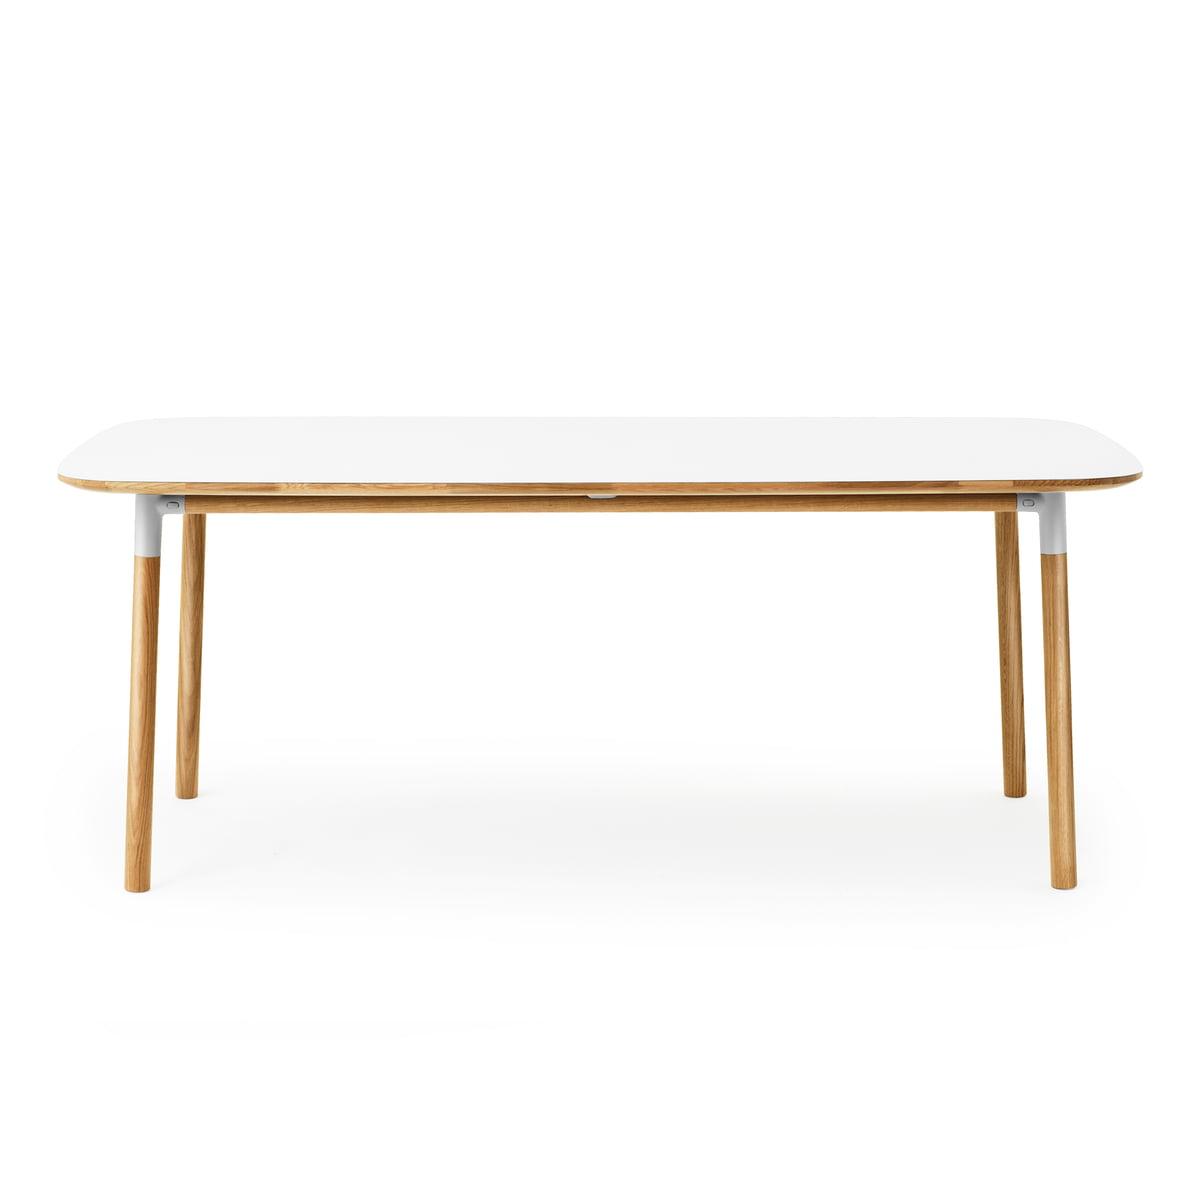 Normann Copenhagen Form Esstisch 95 x 200 cm, Eiche weiß